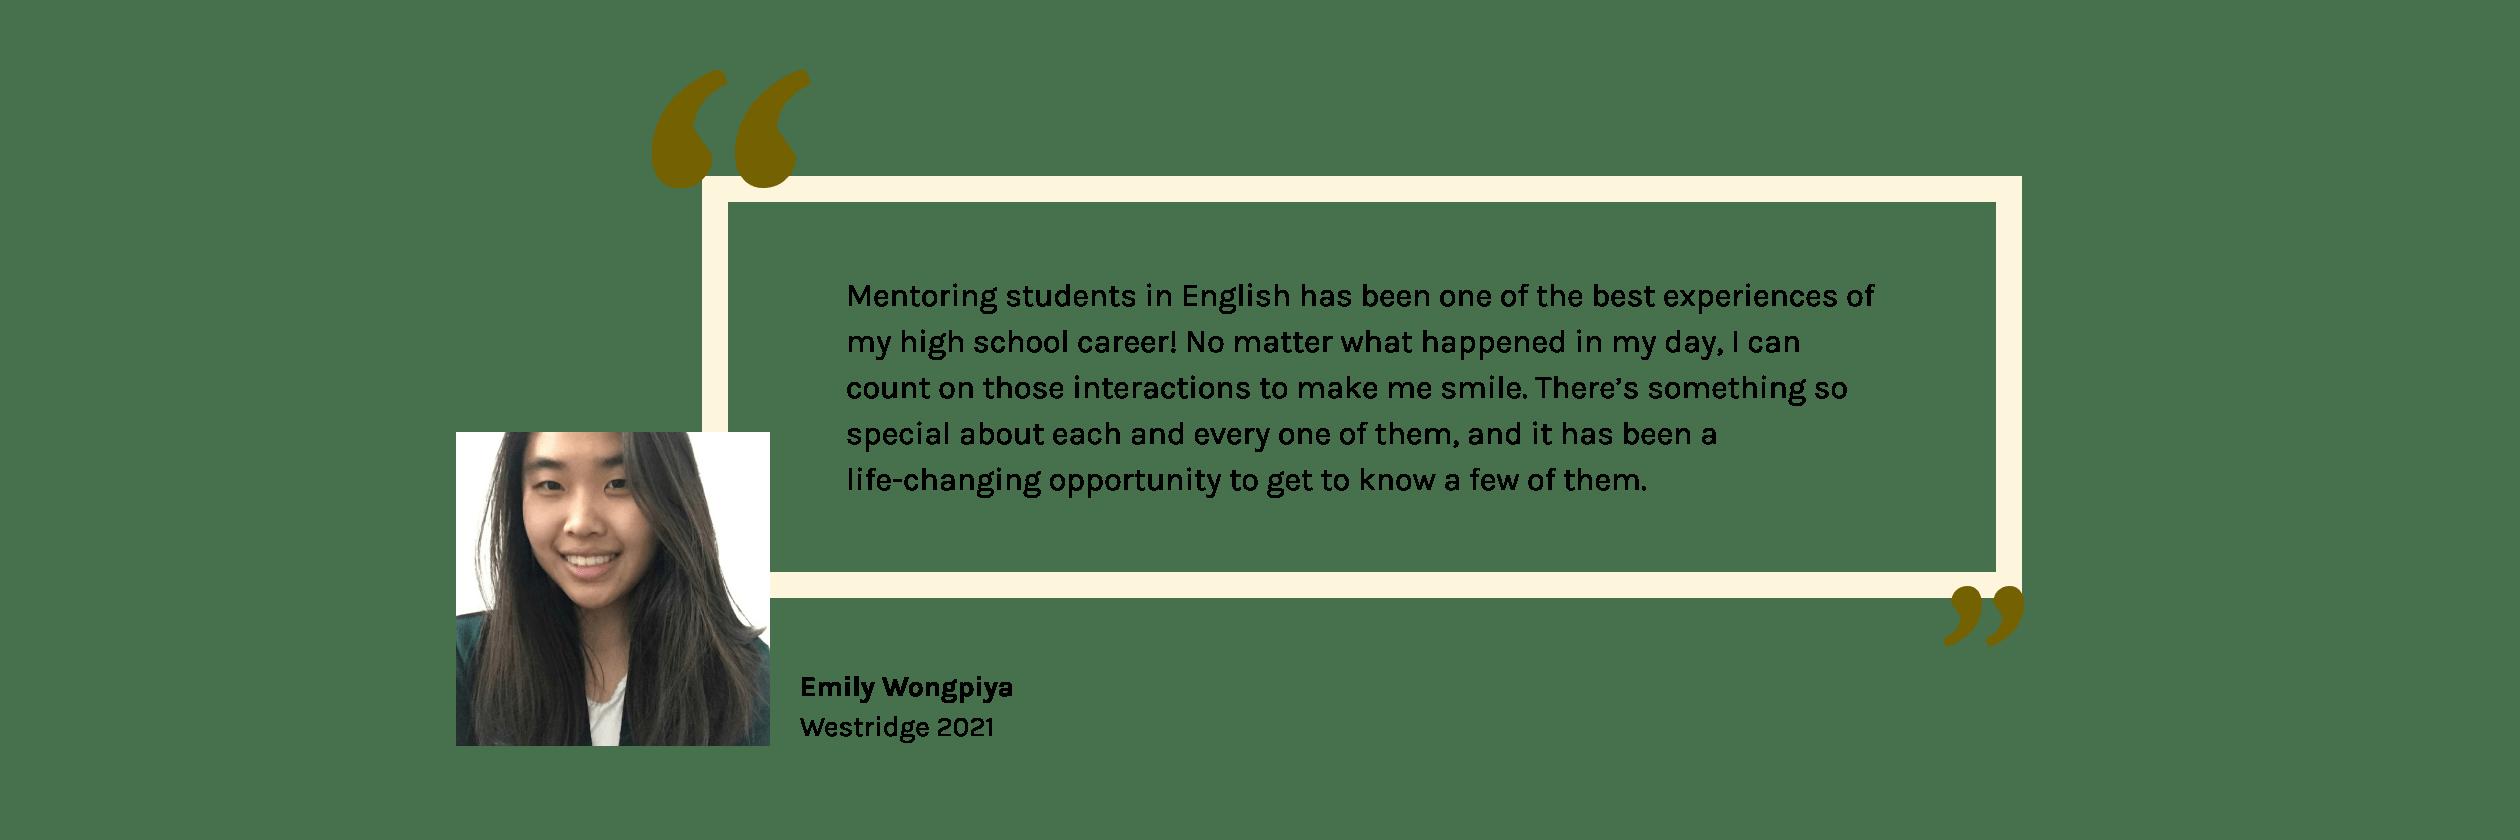 mentor-testi-desktop-09